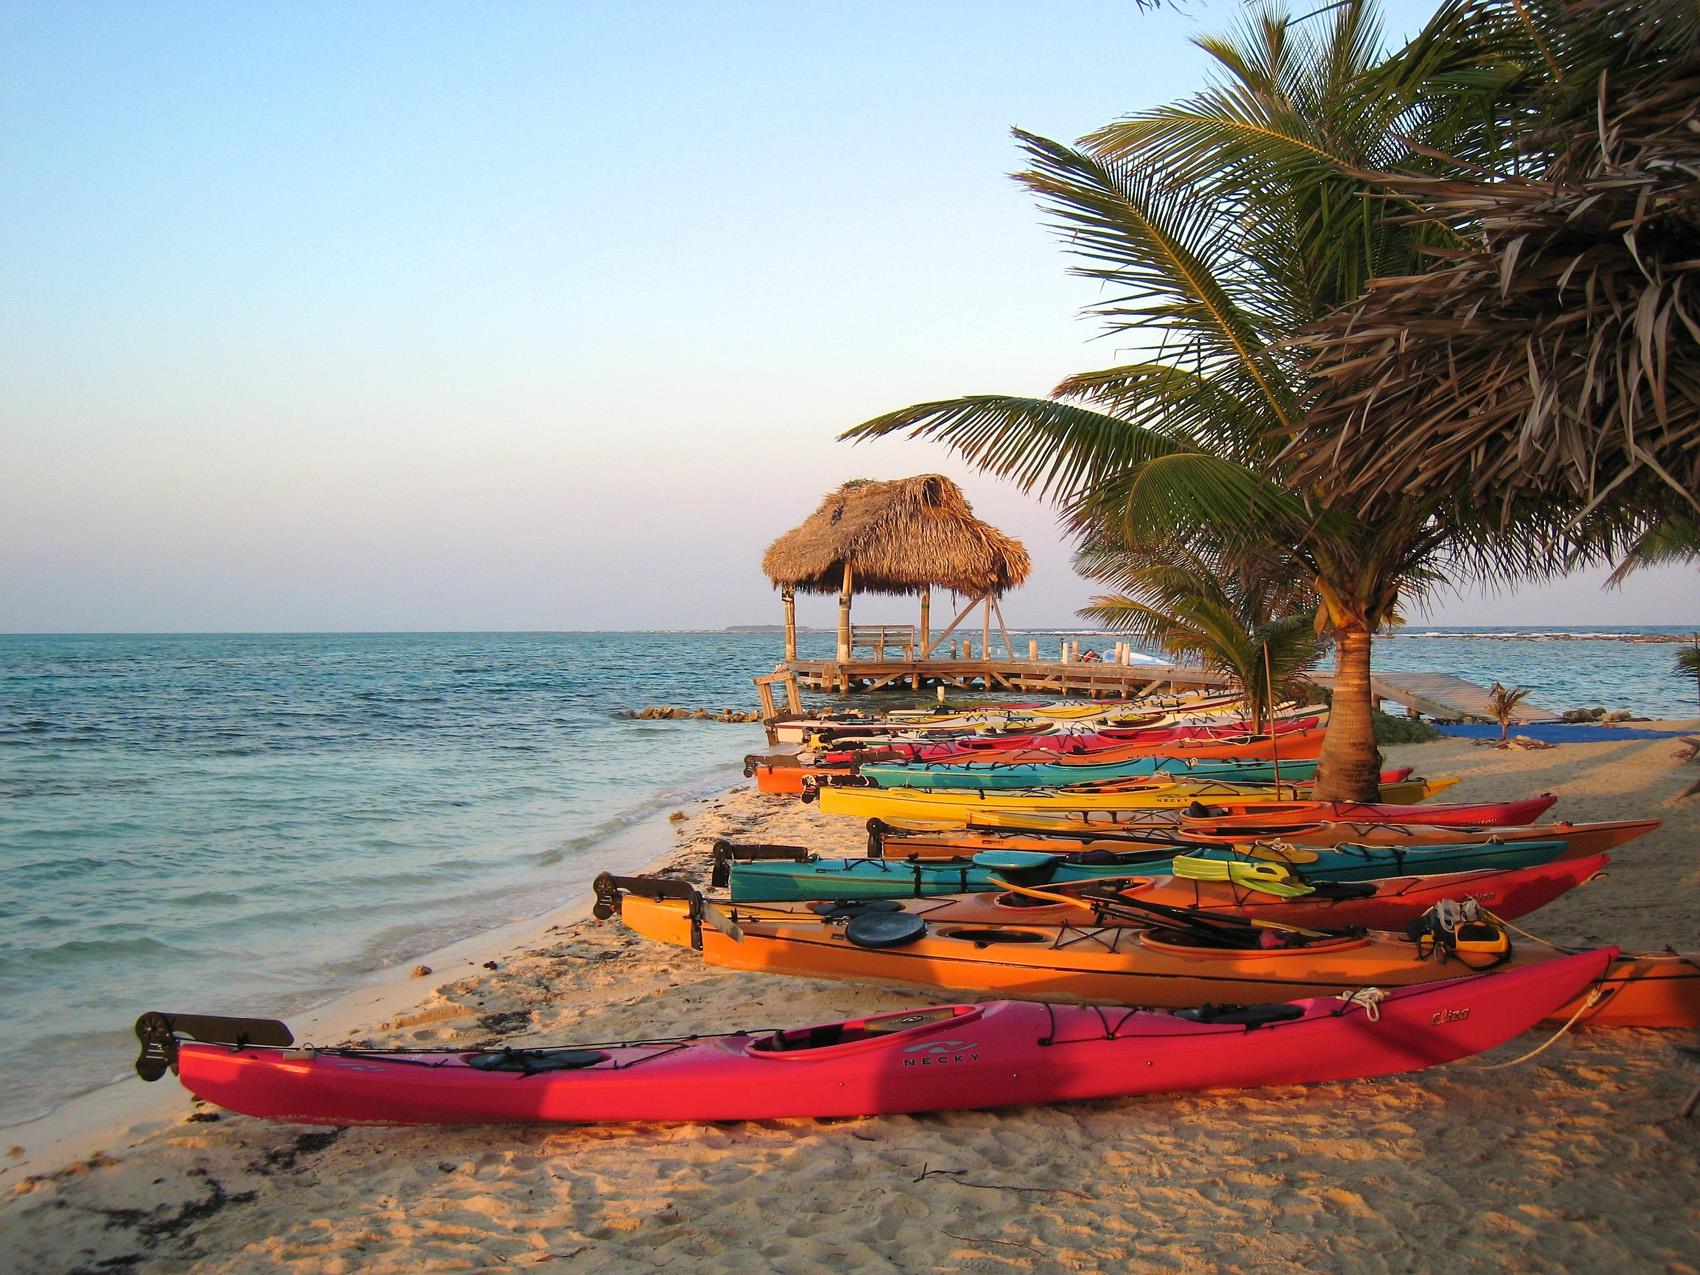 Forbes 2021 İçin Denize Sıfır En İyi 5 Bölgeyi Listeledi: Li...